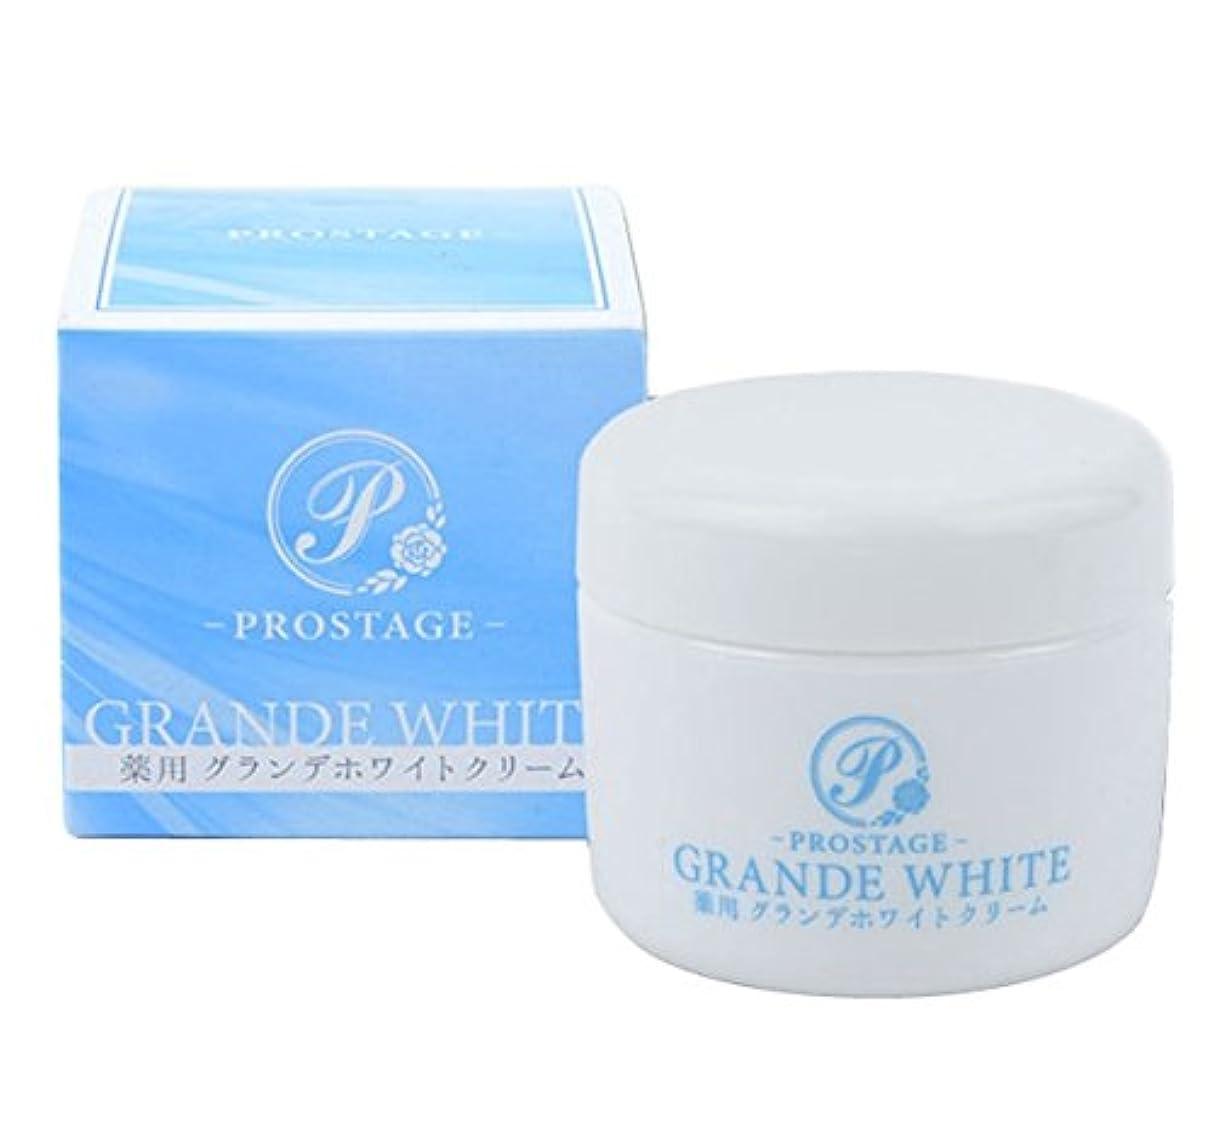 分割拡散する環境保護主義者薬用グランデホワイトクリーム PROSTAGE ホワイトニングクリーム 大容量80g (2個)